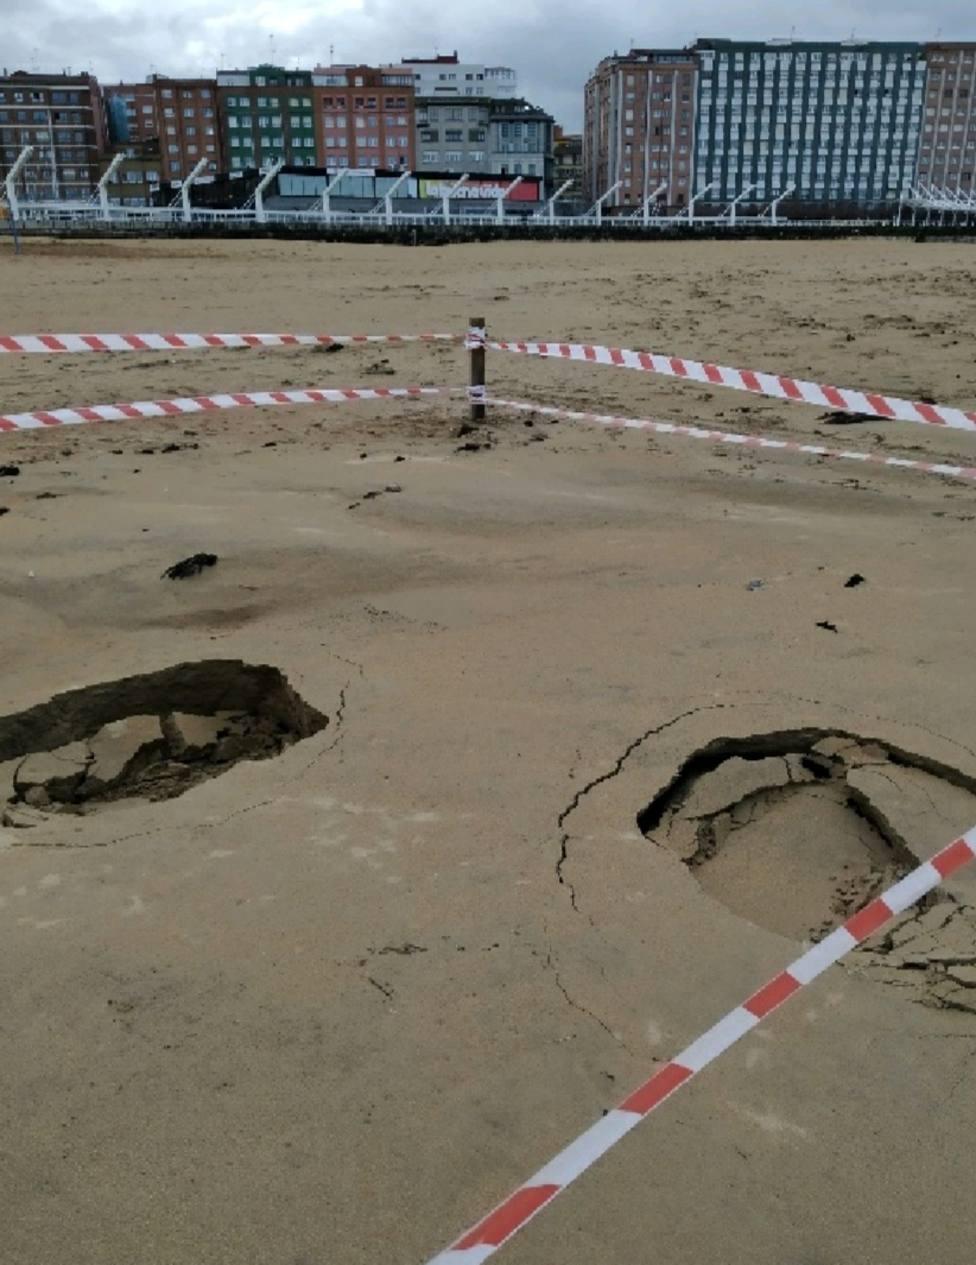 Zona de la playa de Poniente afectada por los hundimientos